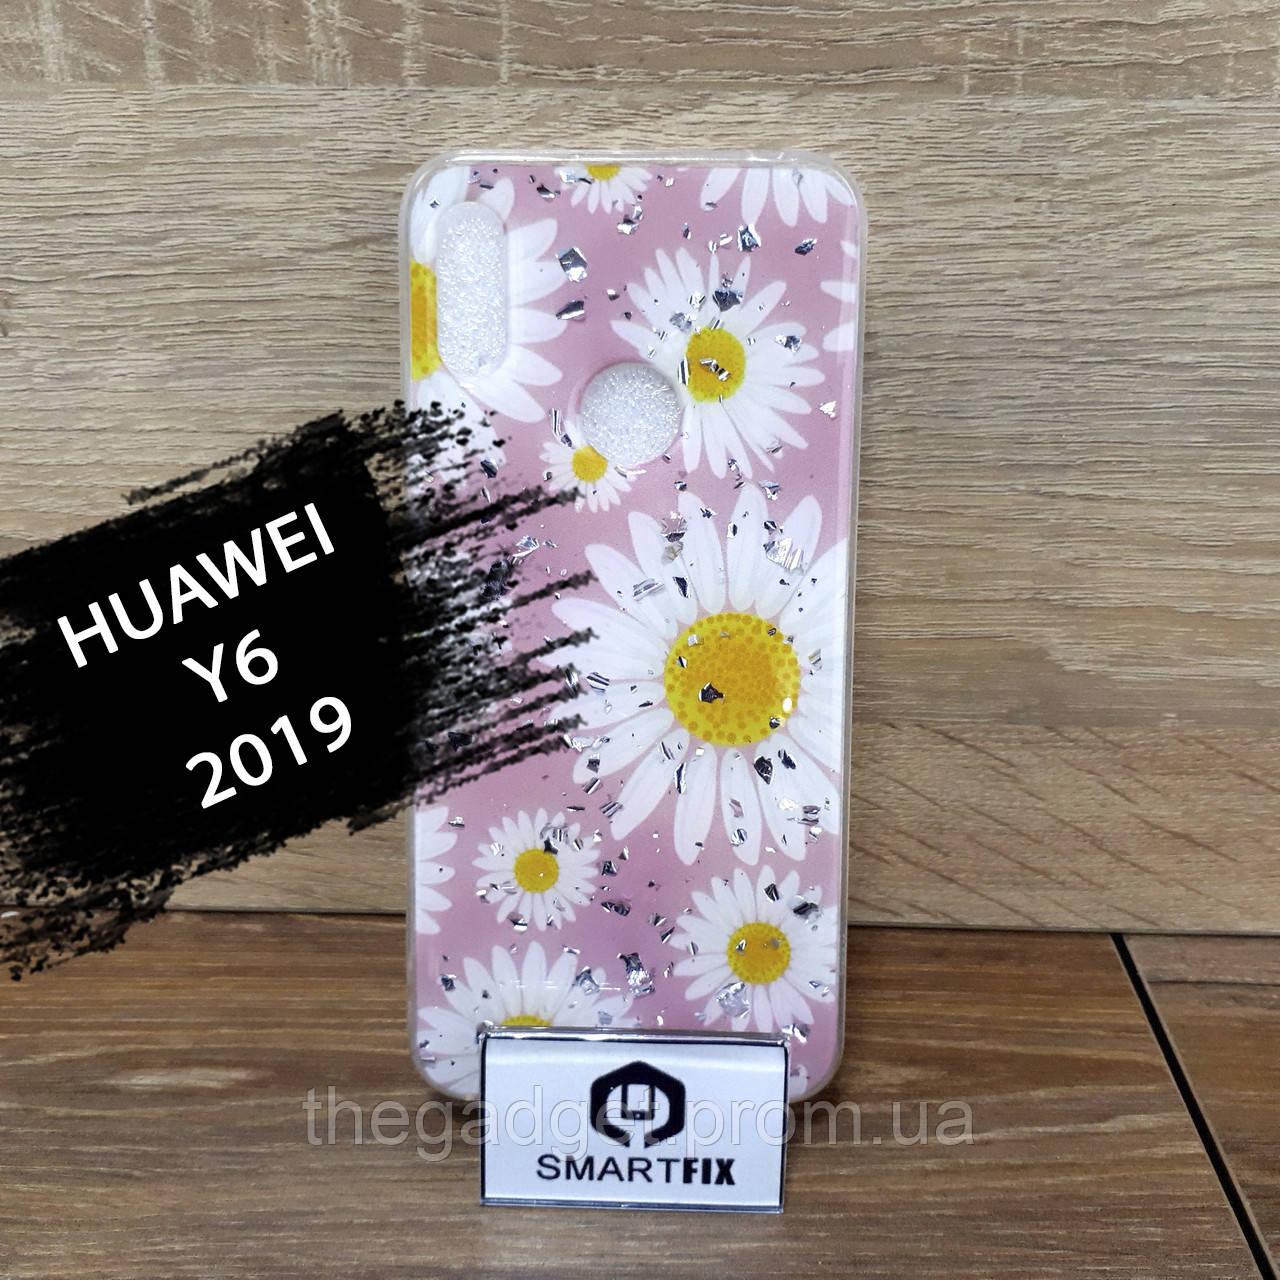 Чехол с рисунком для Huawei Y6 2019